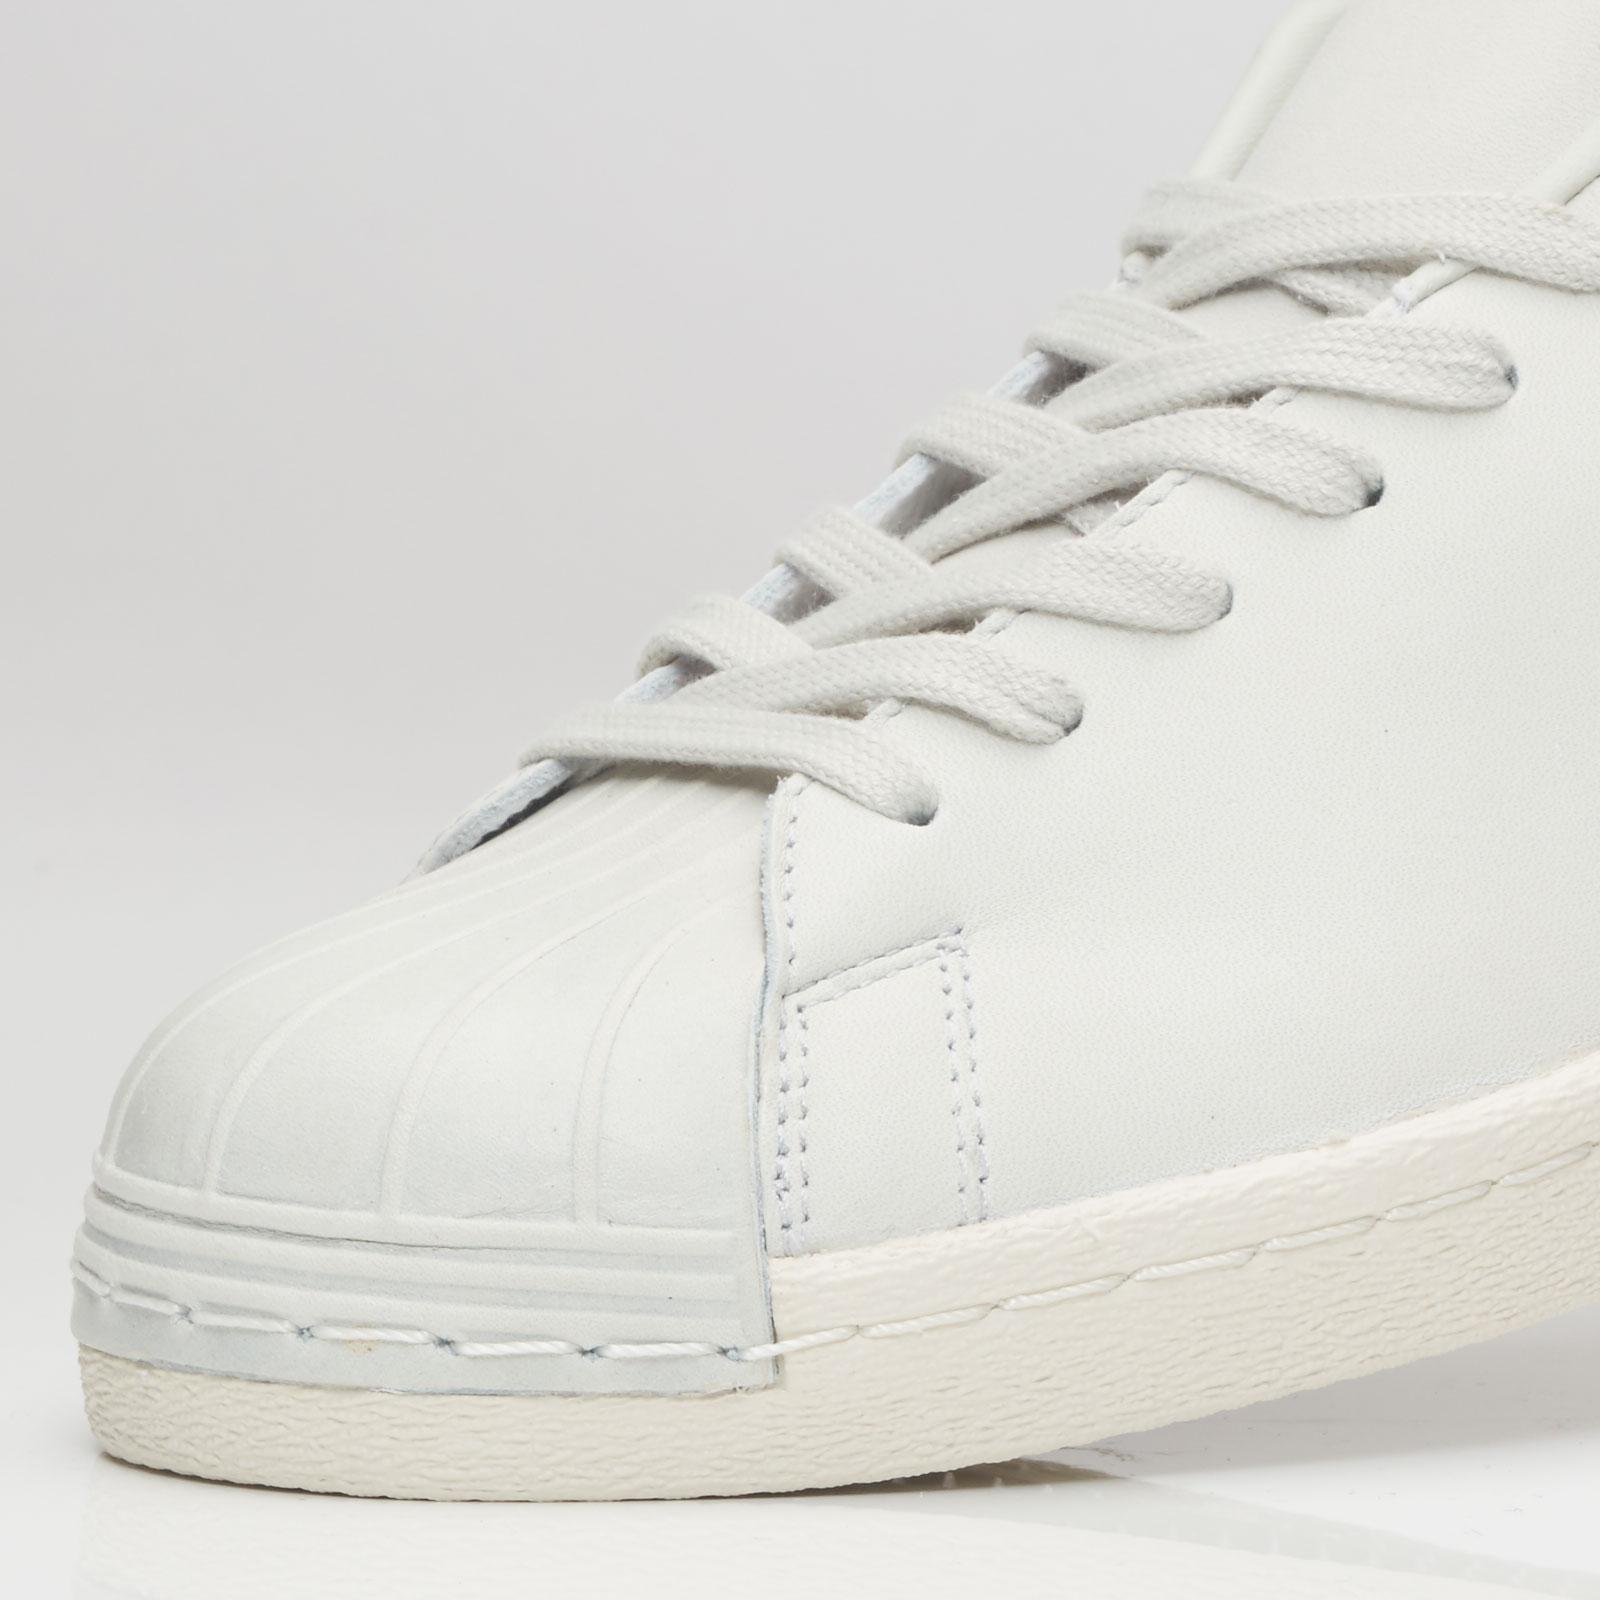 huge discount 9105e d261e adidas Superstar 80S Clean - Bb0169 - Sneakersnstuff ...